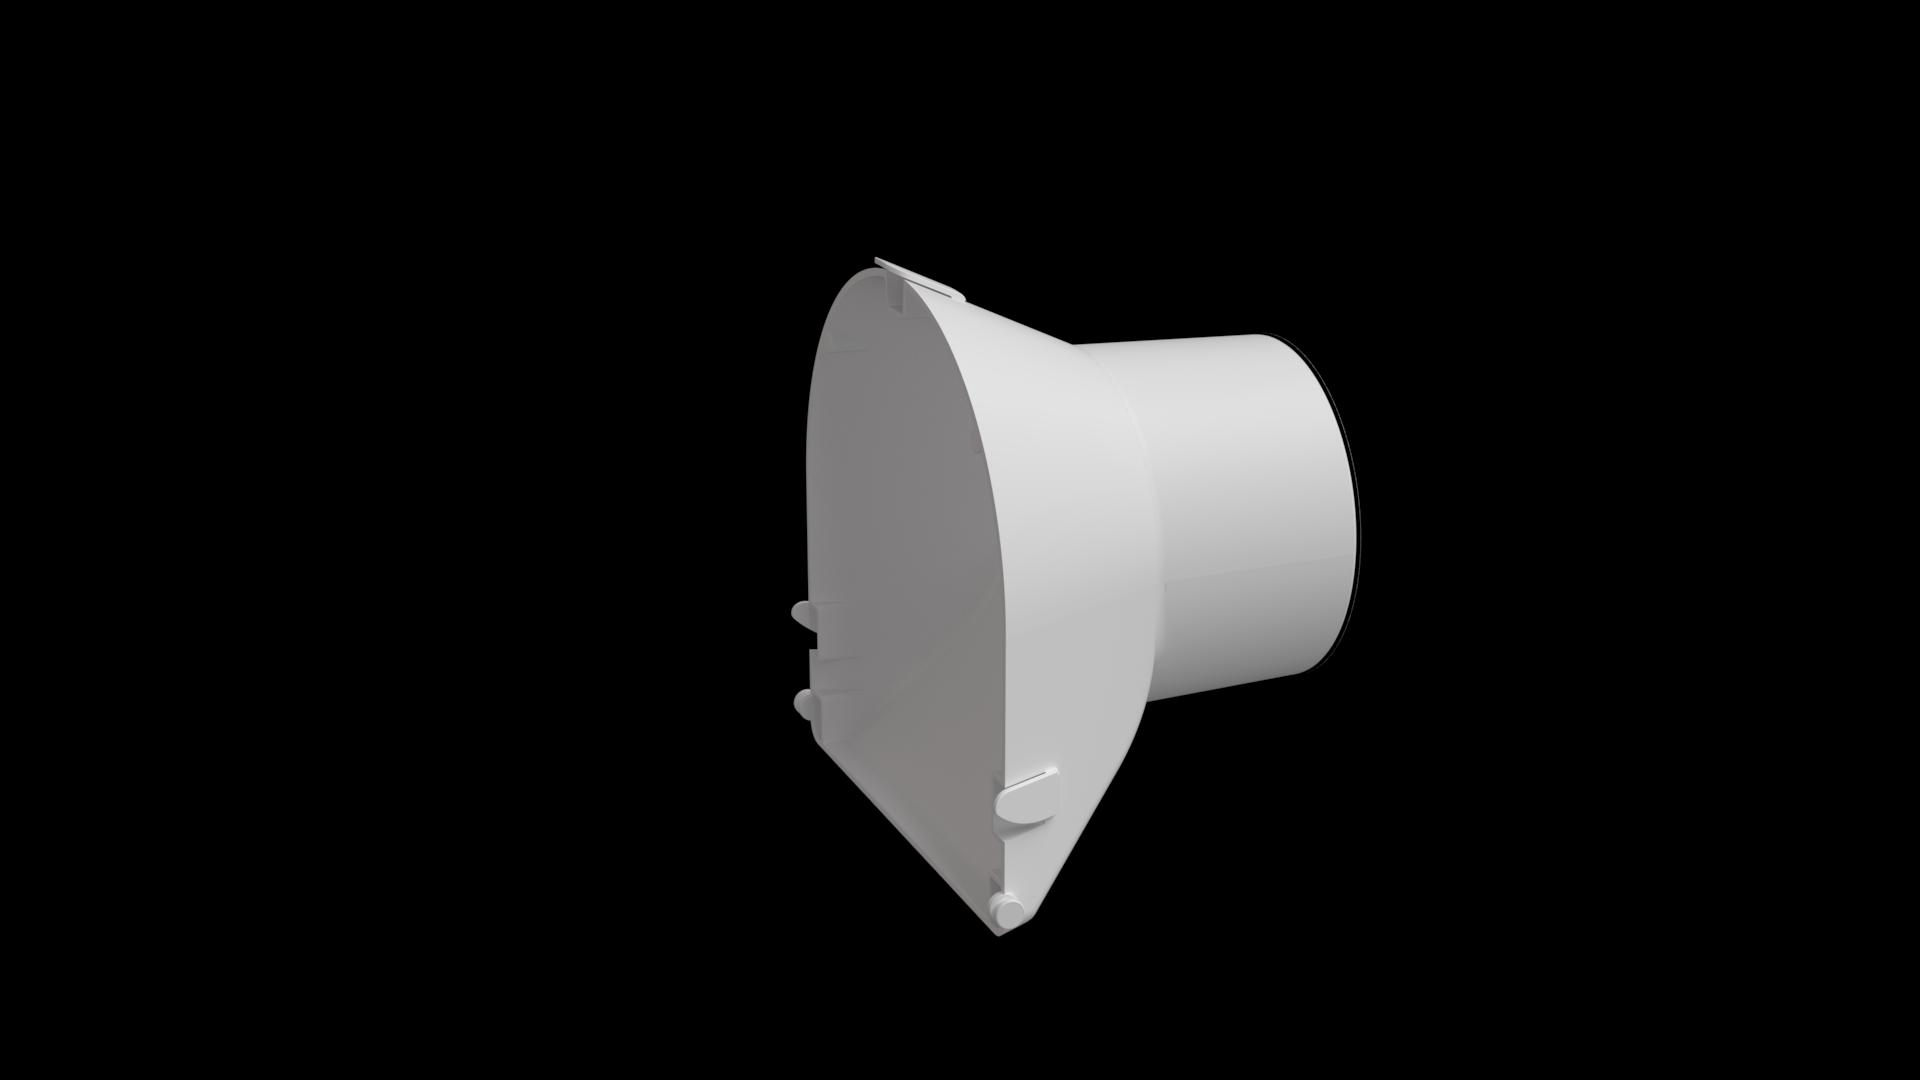 Funnel02-transparent background2